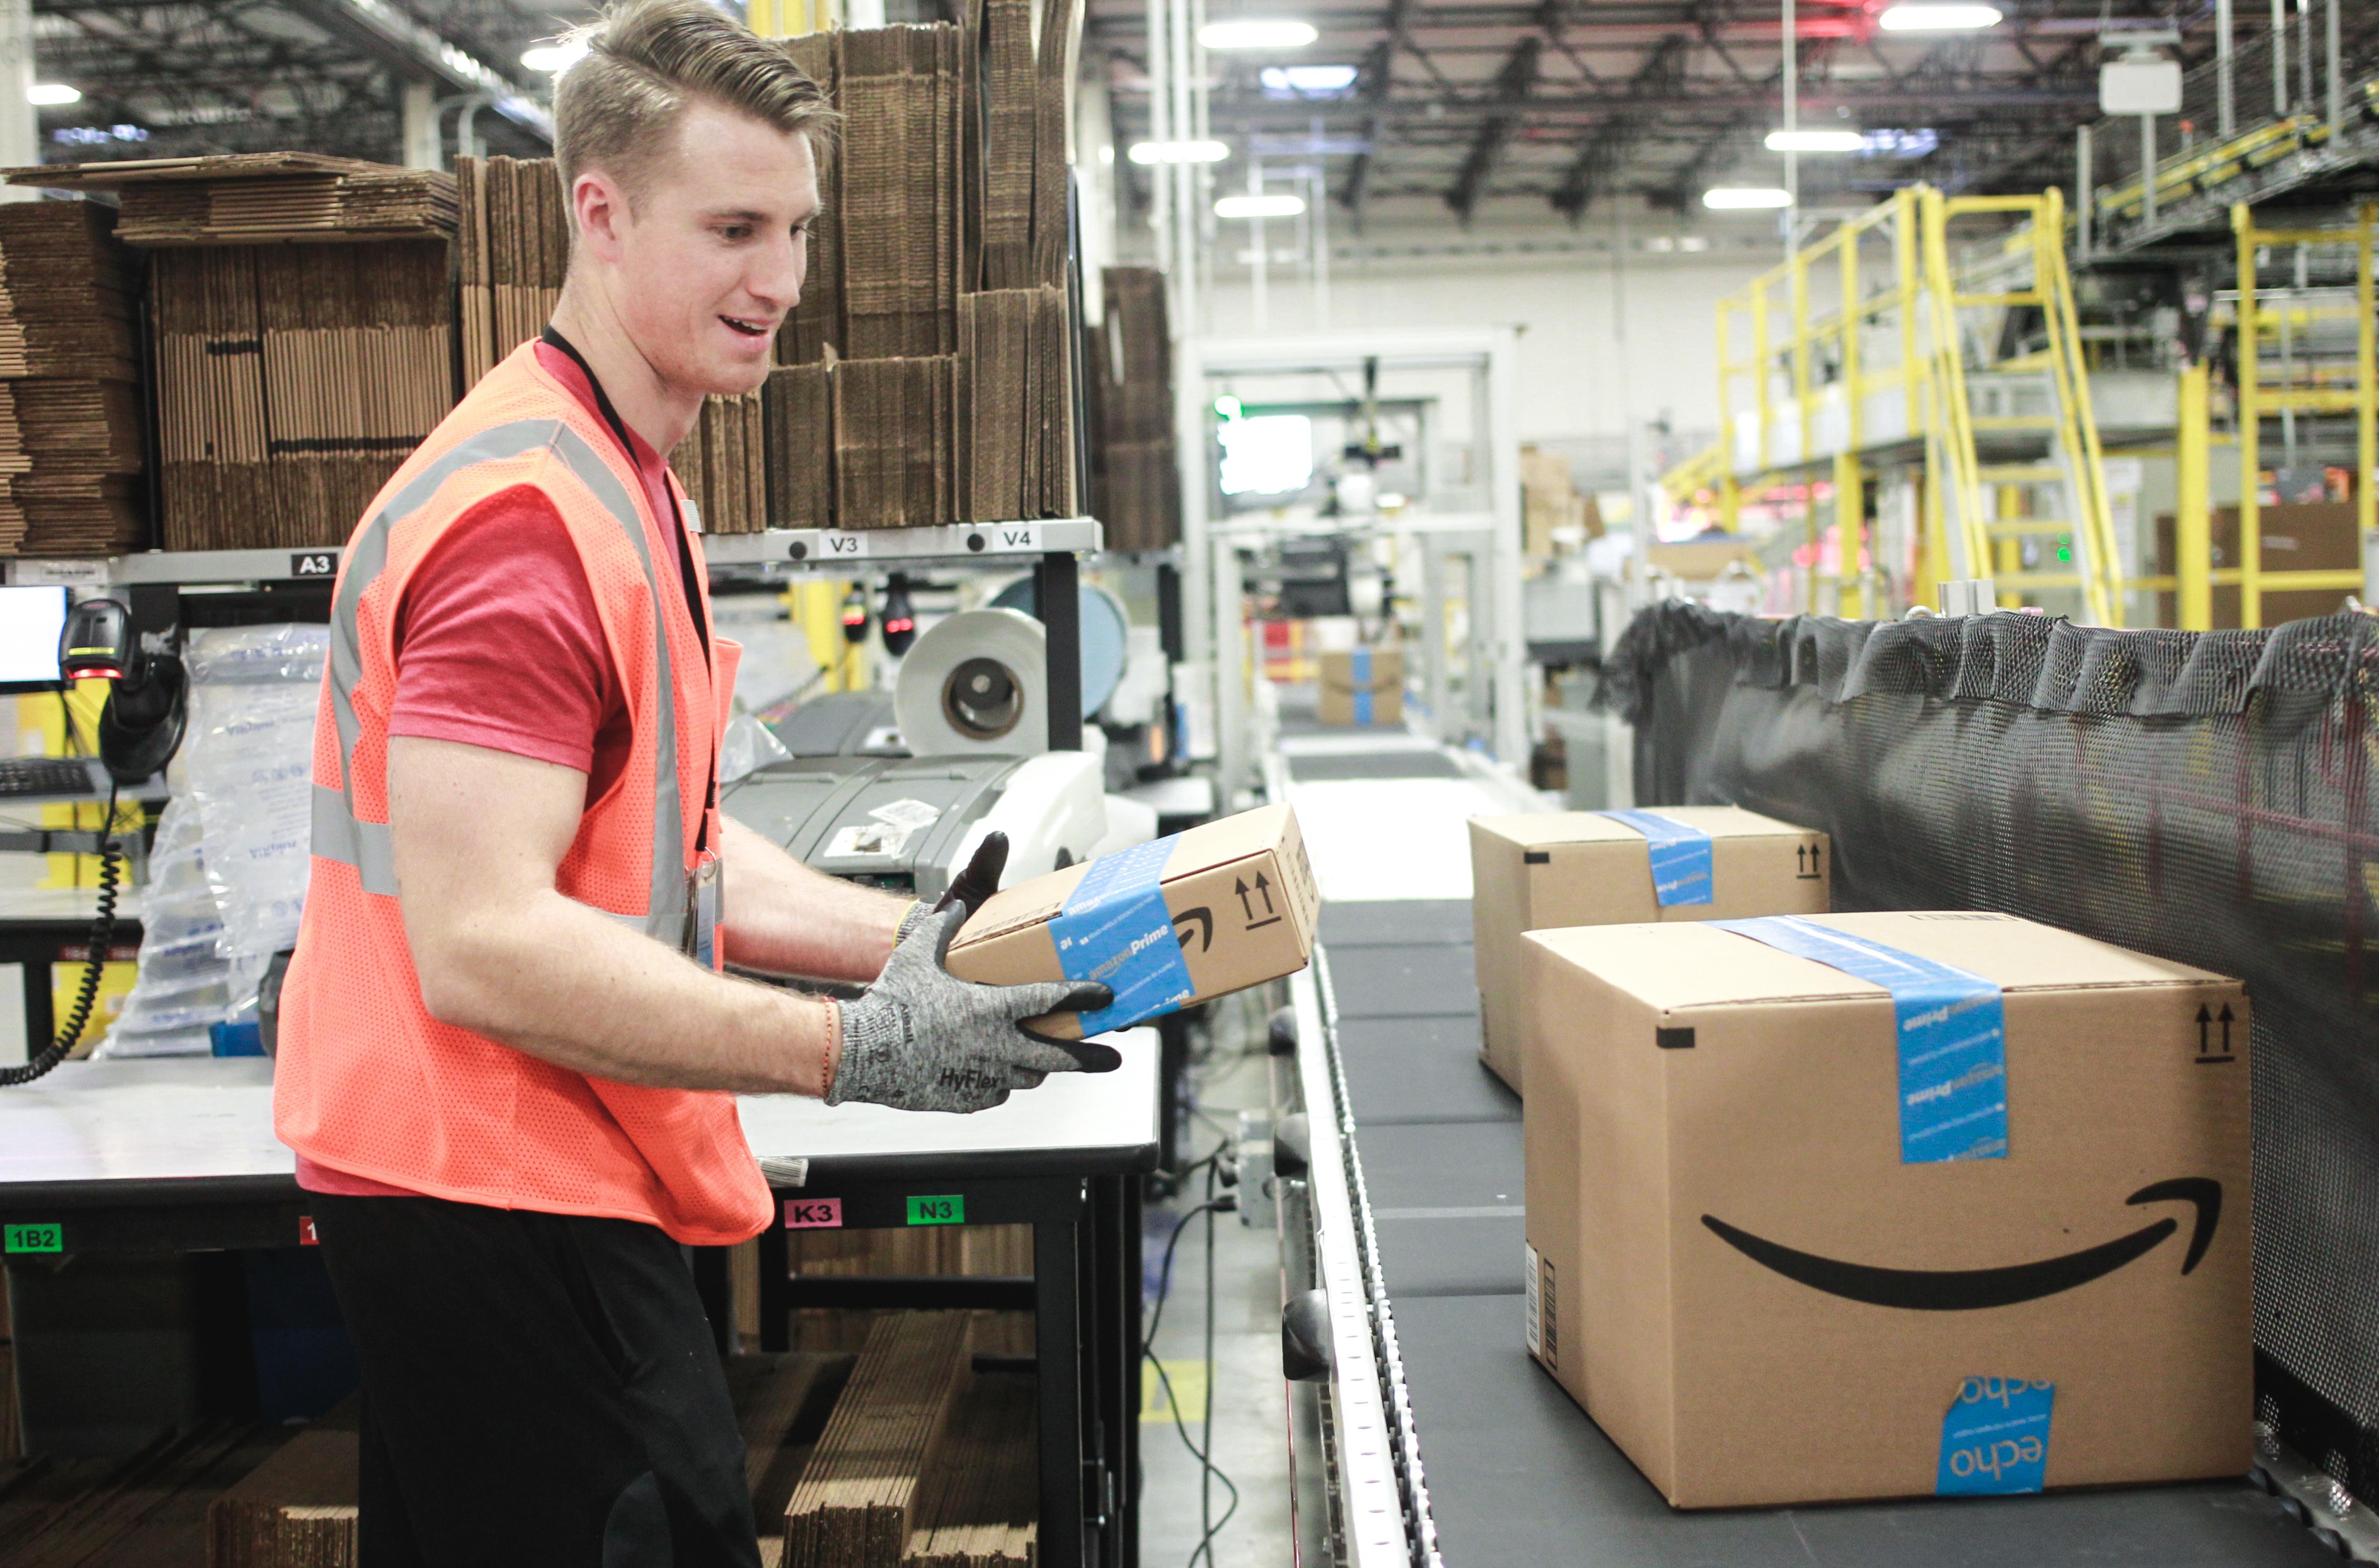 Amazon employee with box